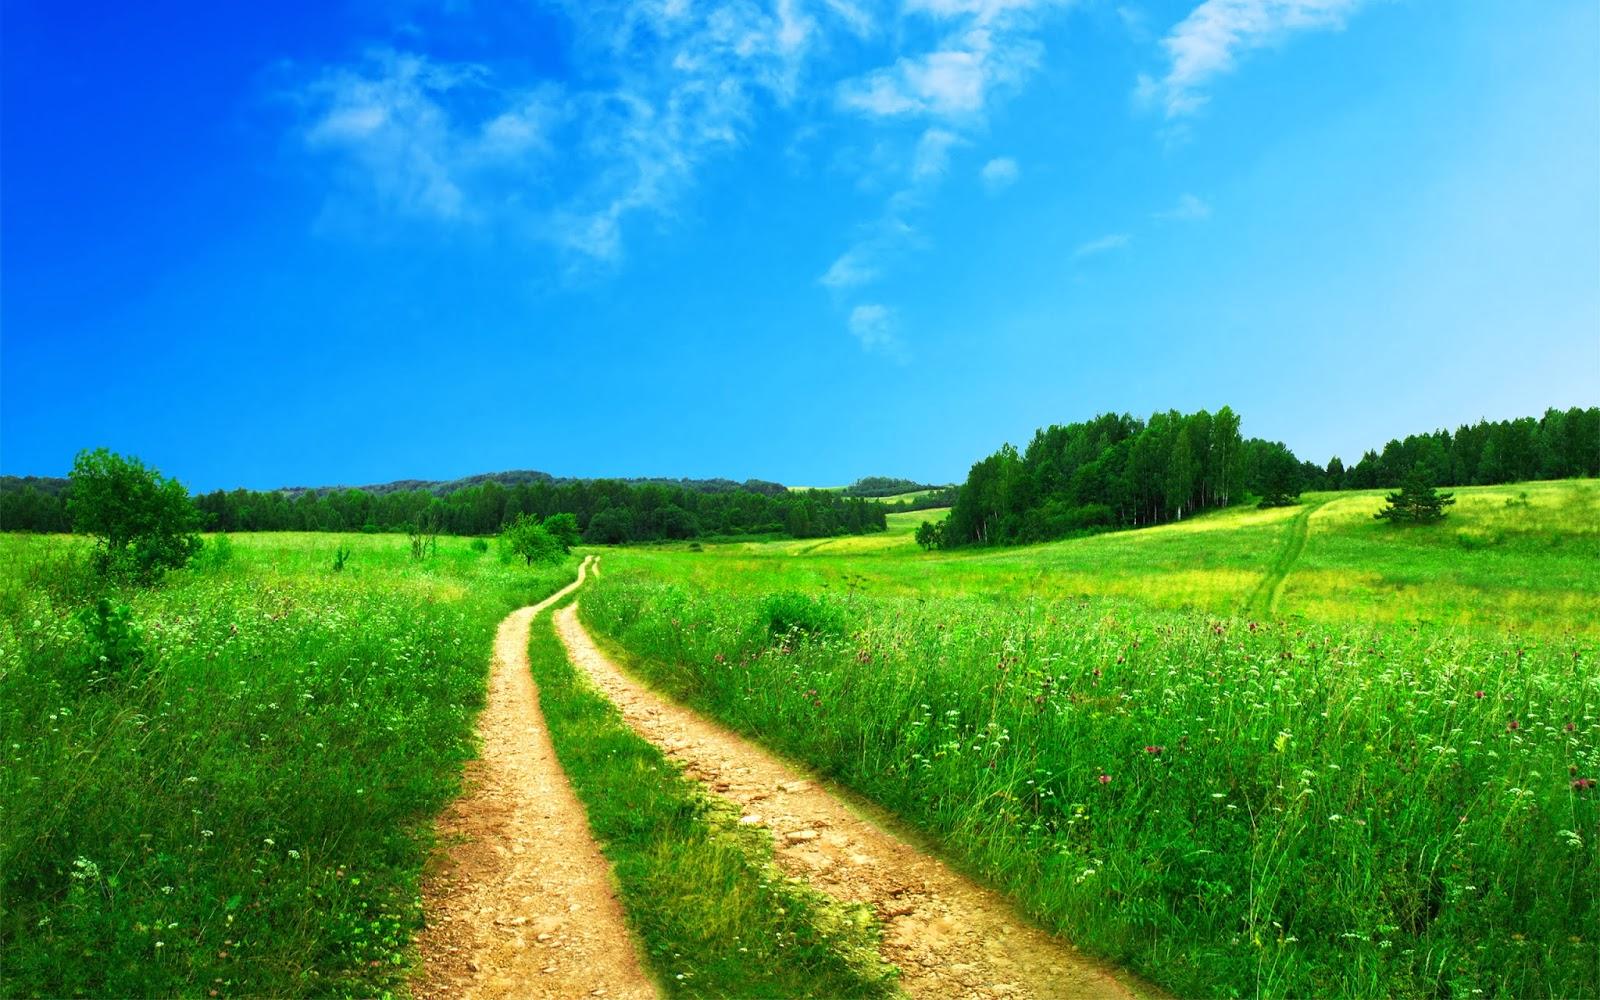 Background nền xanh hòa quyện màu nền xanh lá cây với con đường tạo điểm nhấn cho bức ảnh